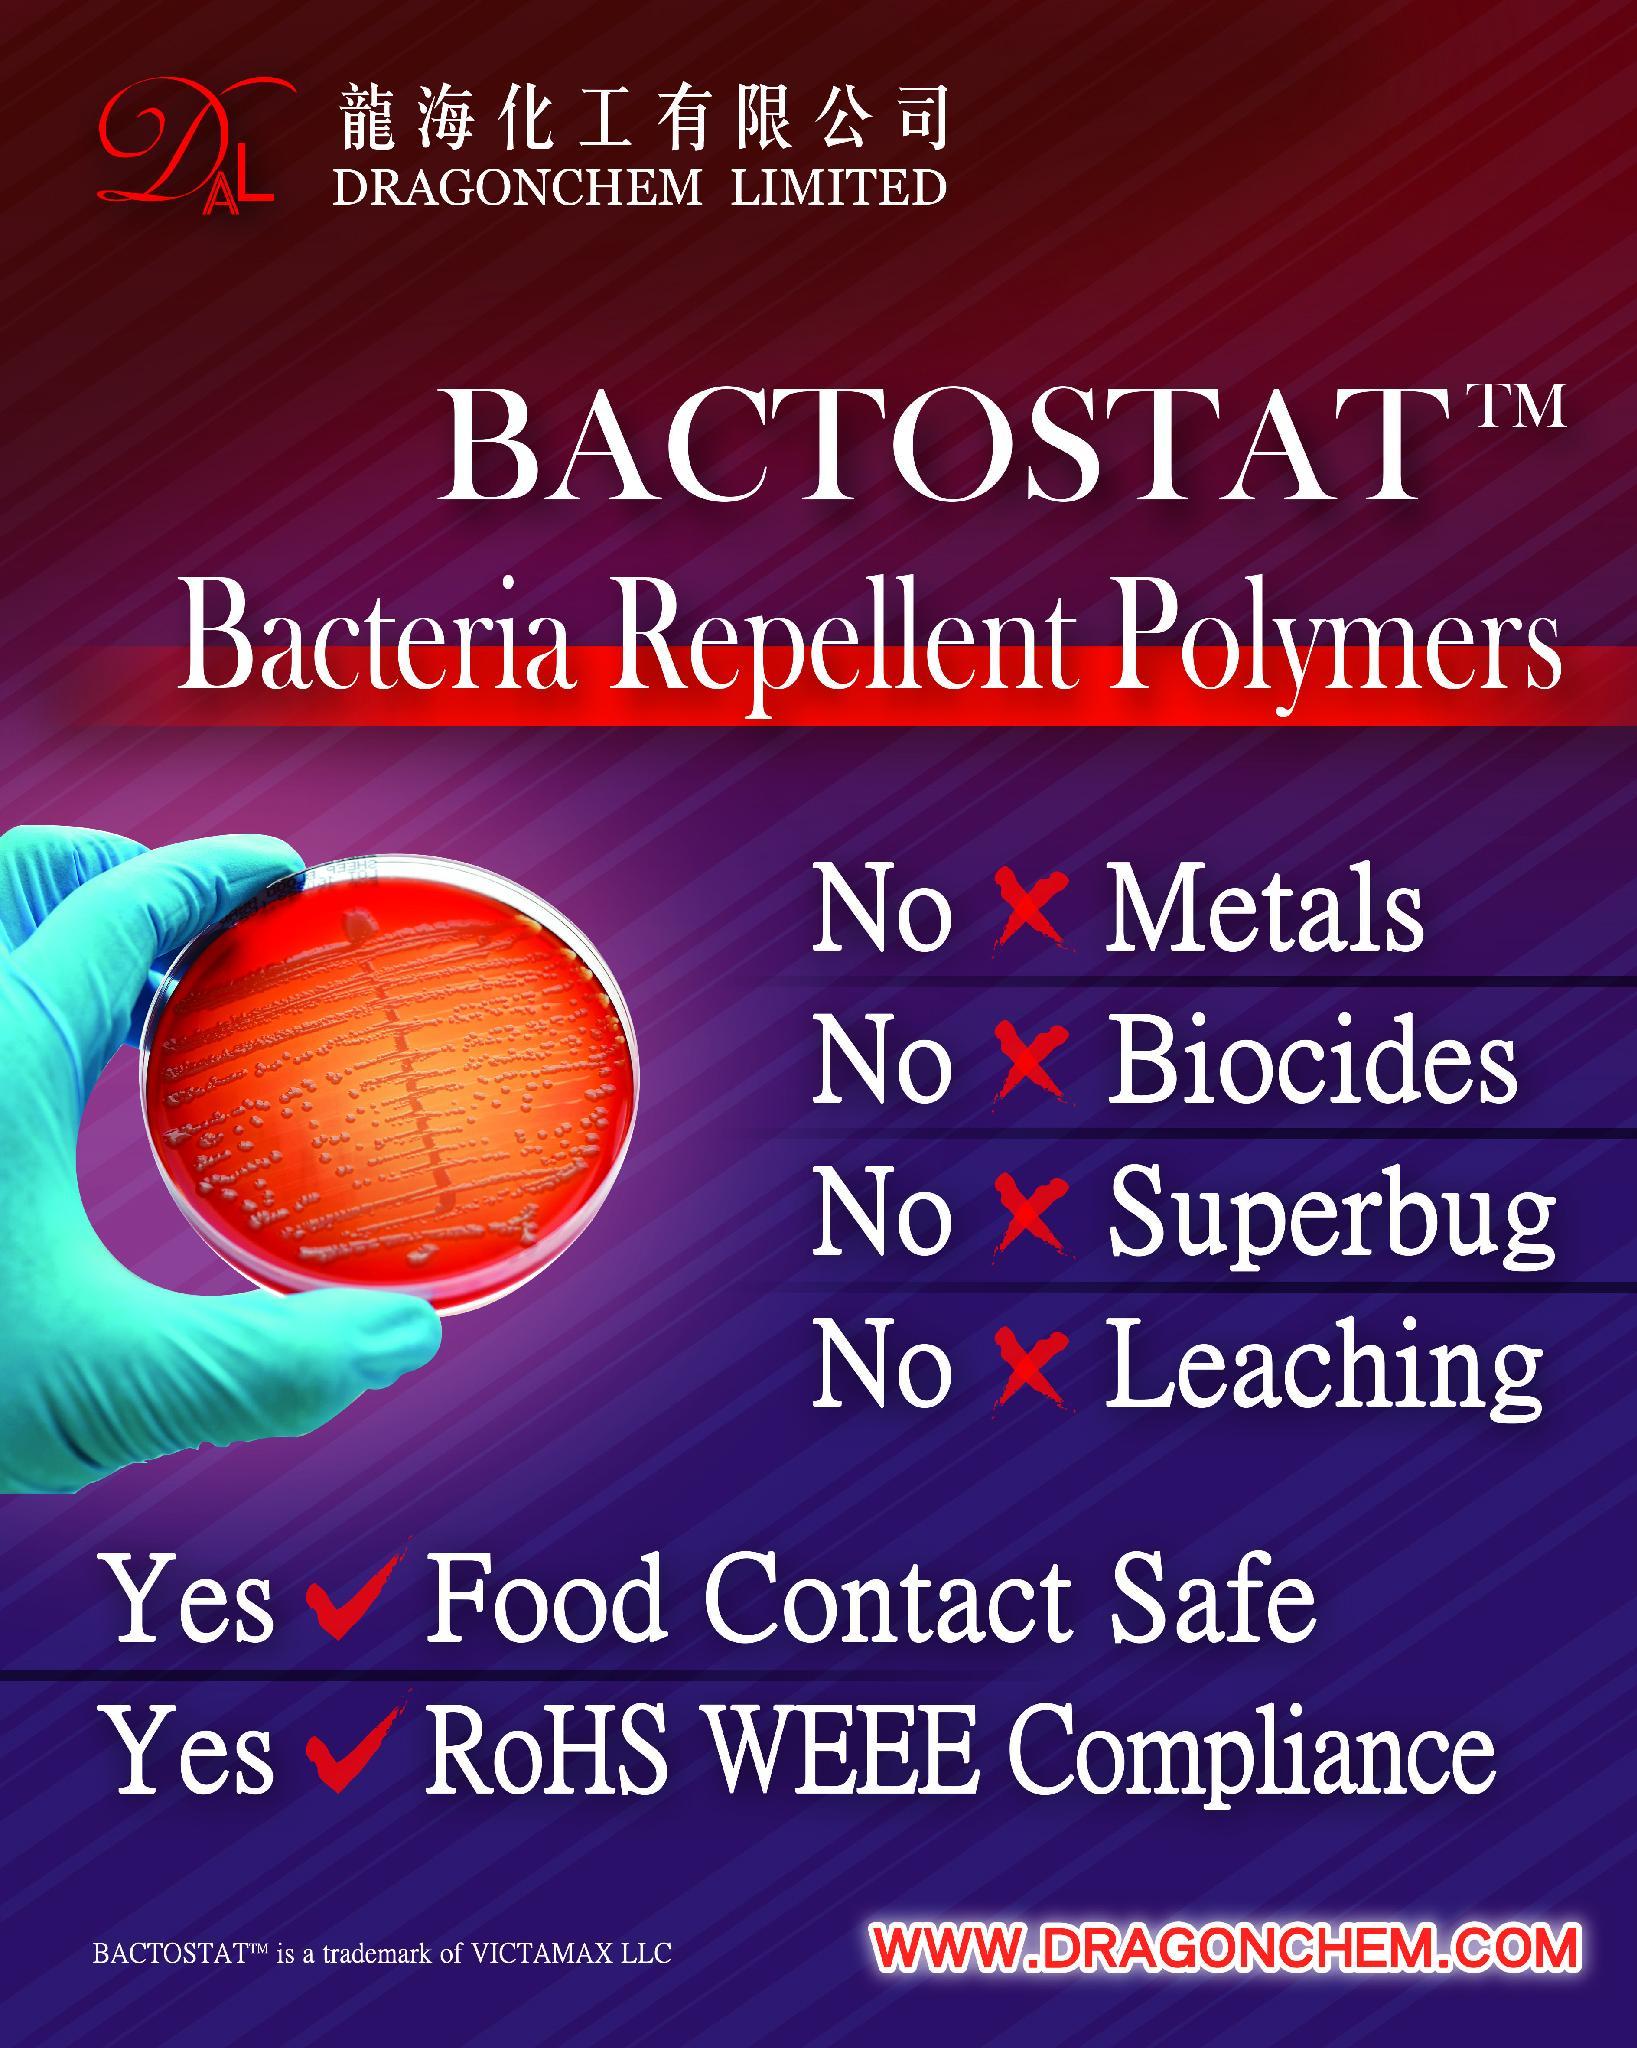 BACTOSTAT Bacterial Repellent Plastics 1